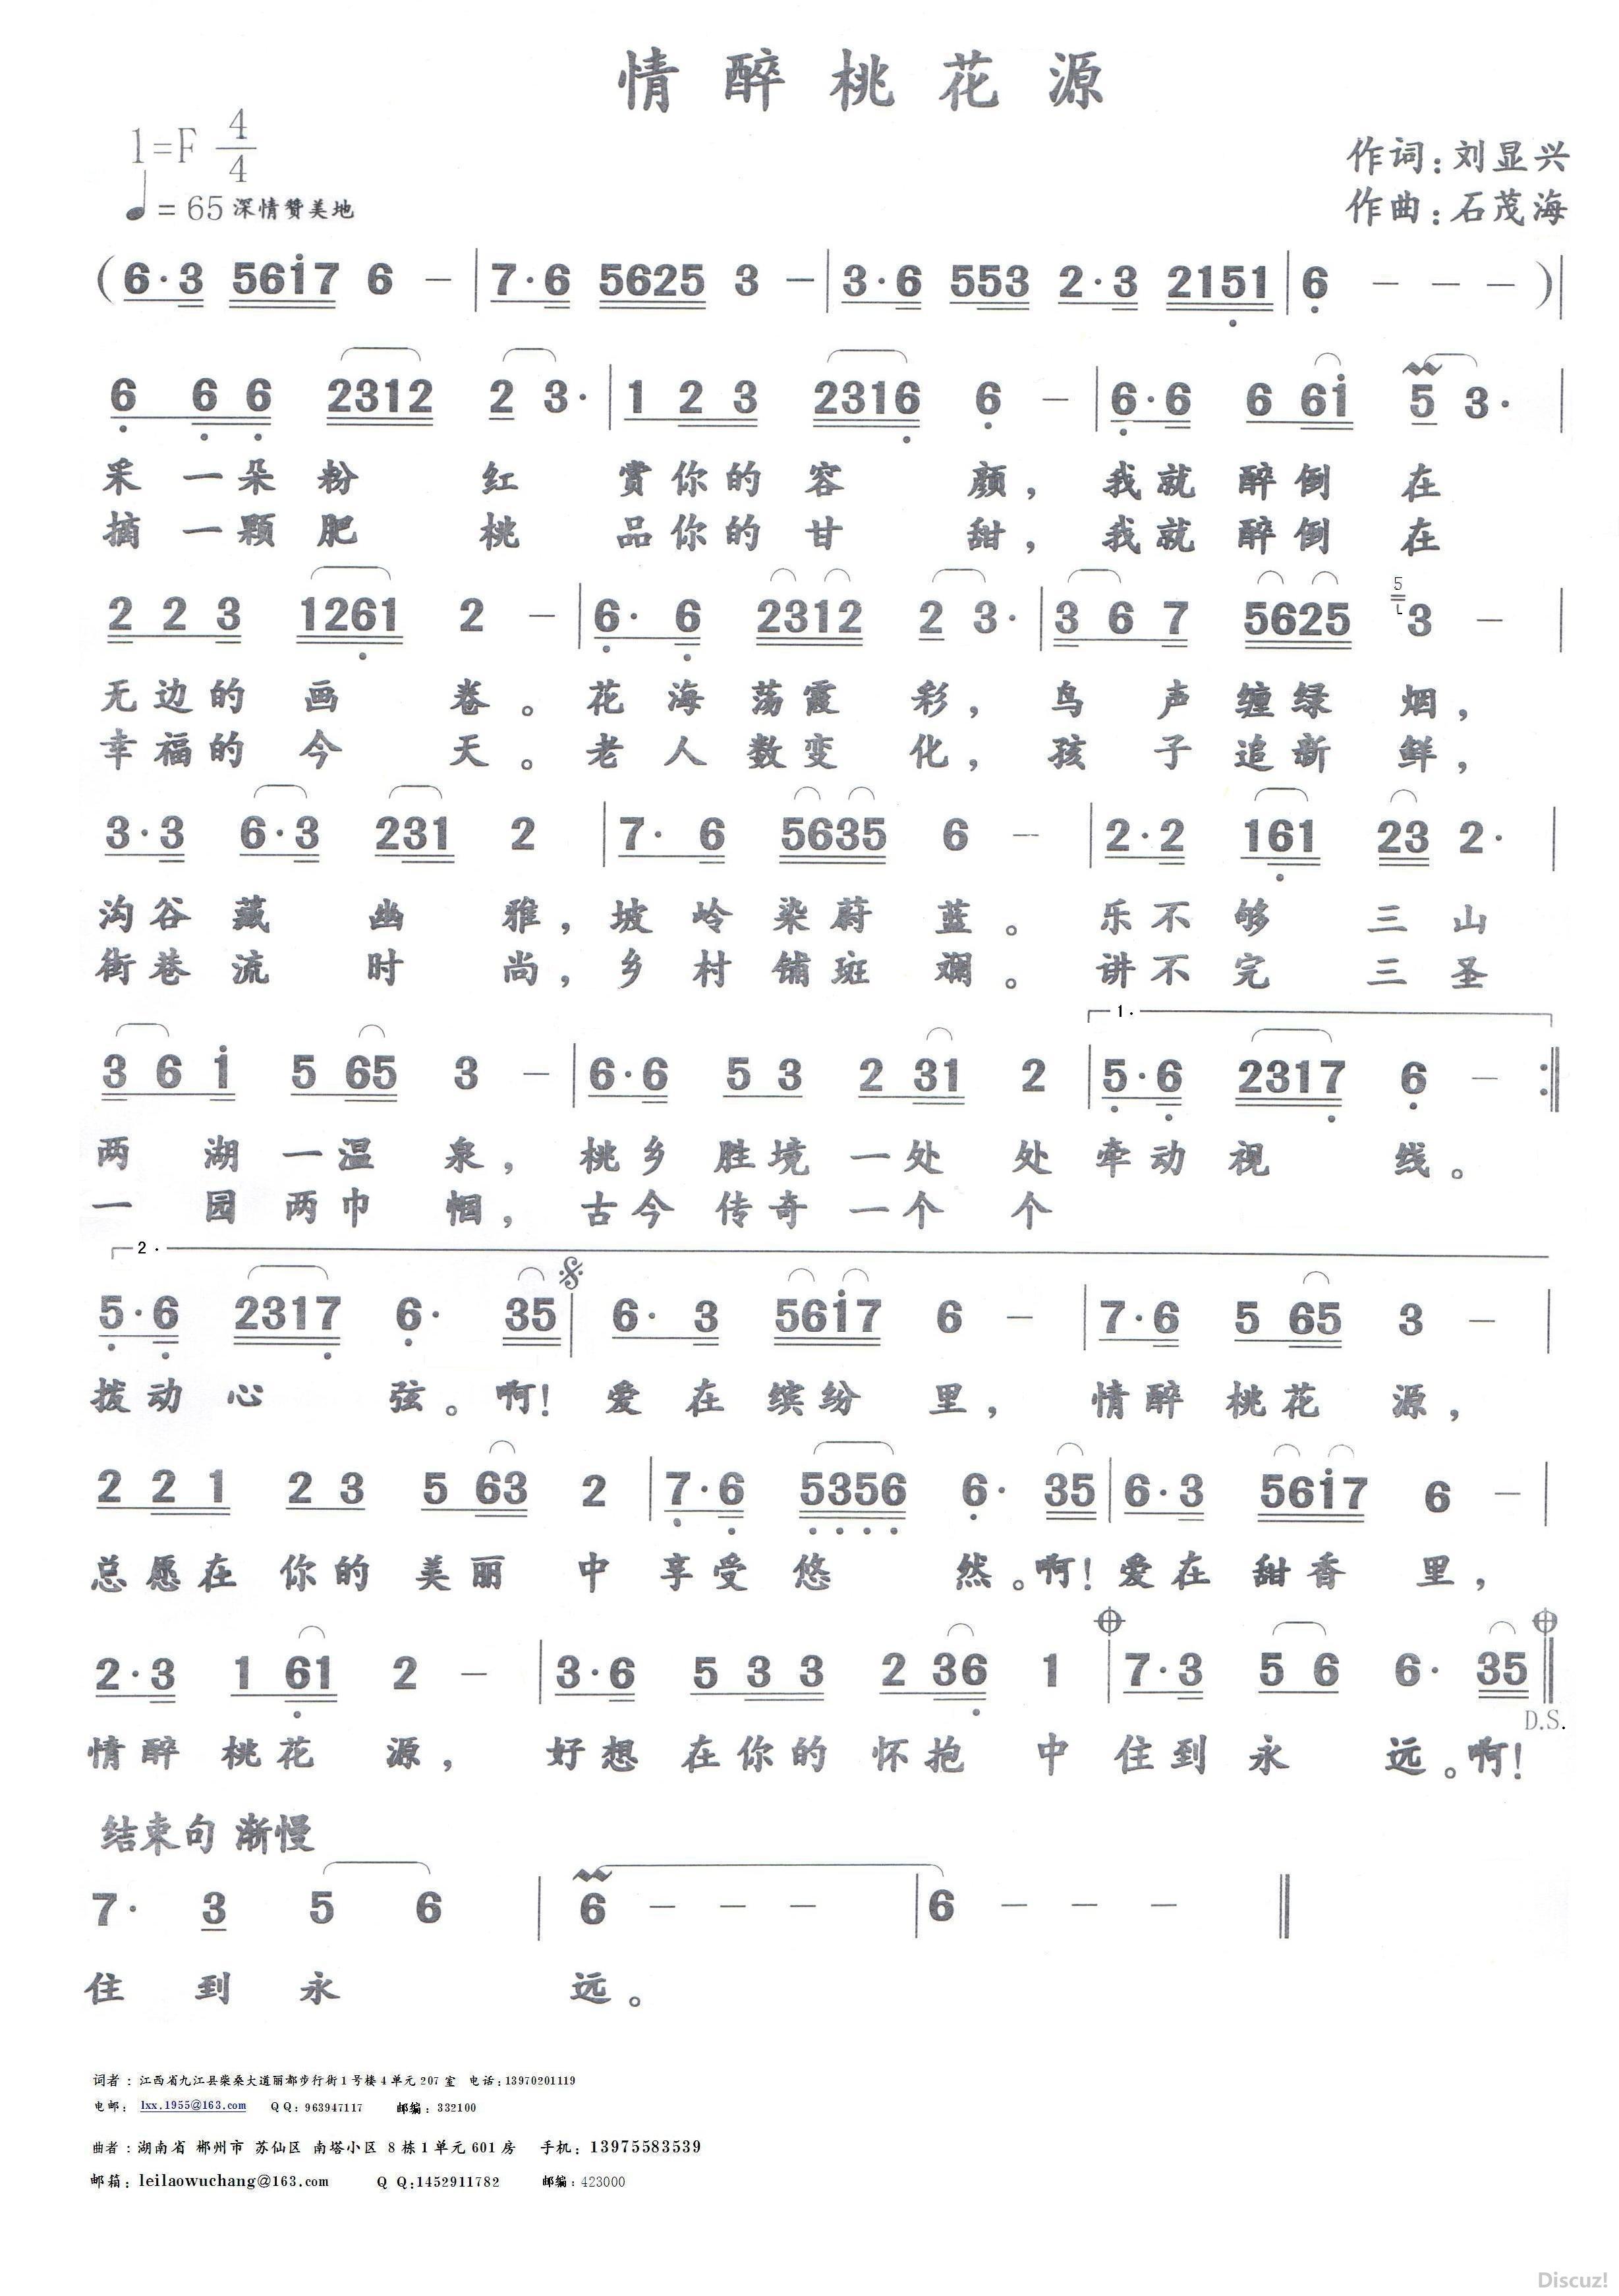 原创音乐曲谱-《情醉桃花源》 作词:刘显兴 作曲:石